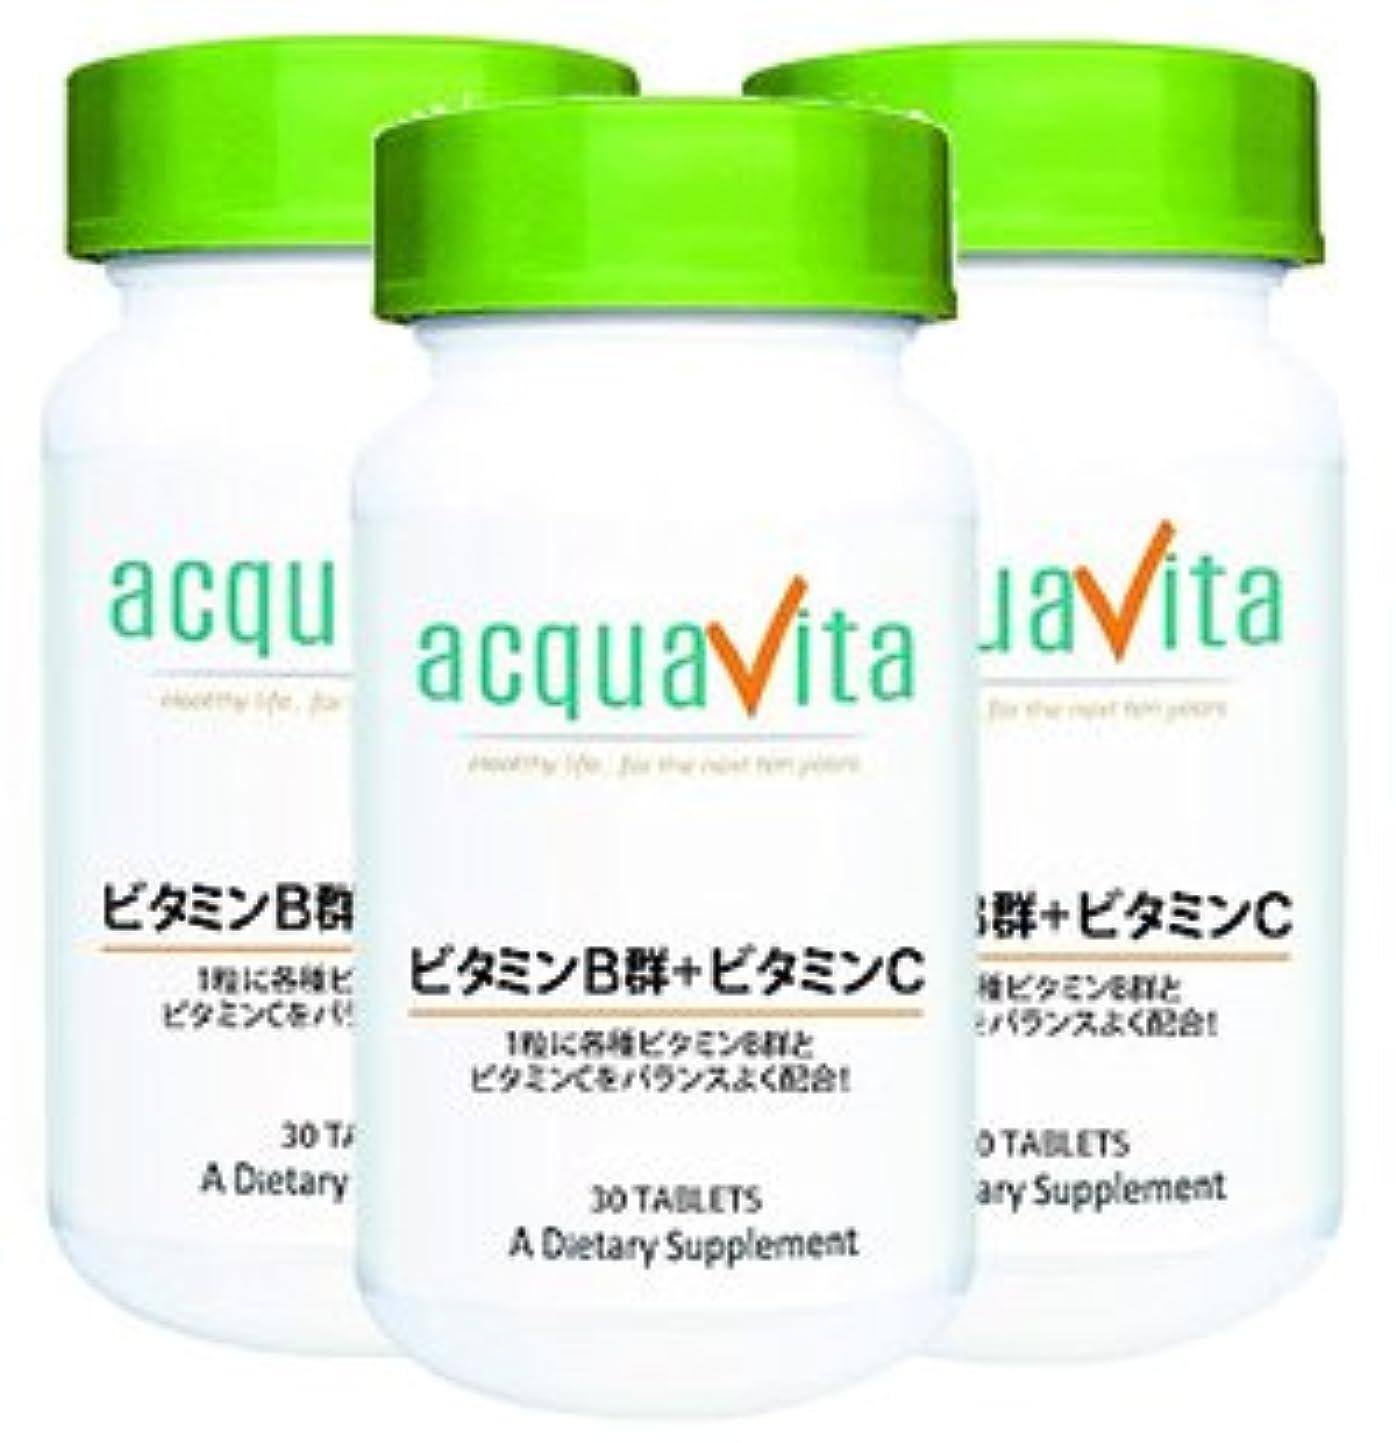 のスコア検索泥アクアヴィータ ビタミンB群+ビタミンC(アクアビータ?Acquavita)【3本セット】